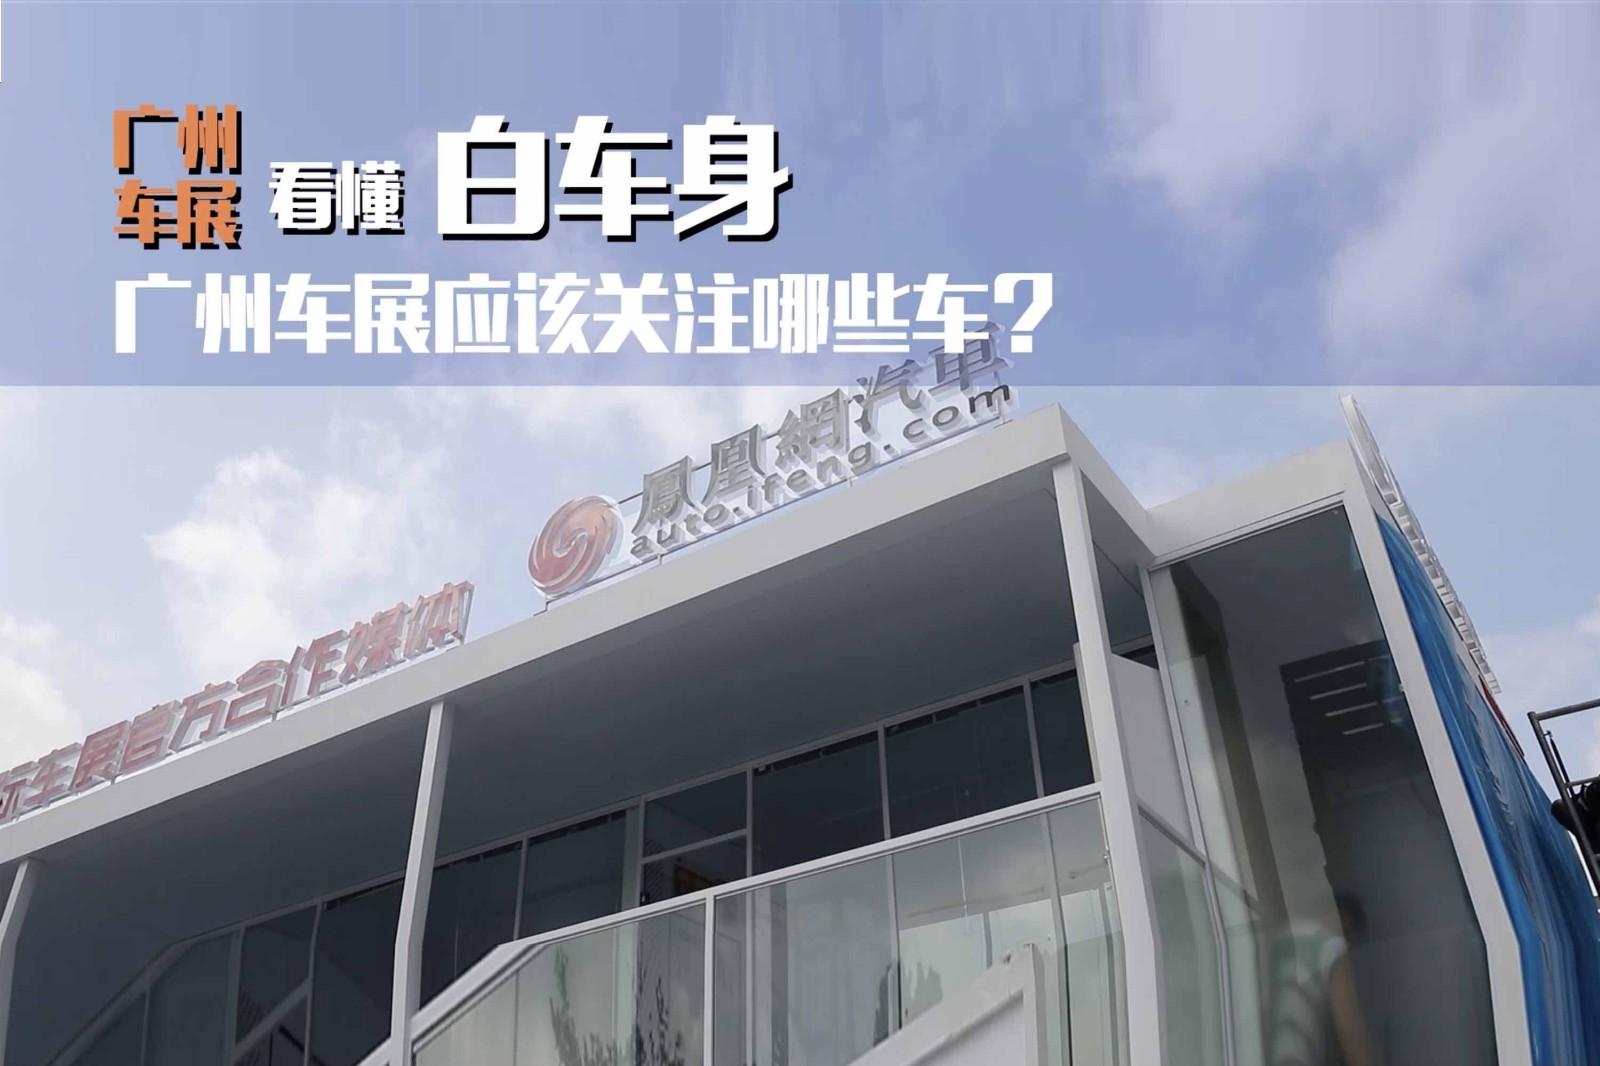 看懂白车身-广州车展应该关注哪些车?